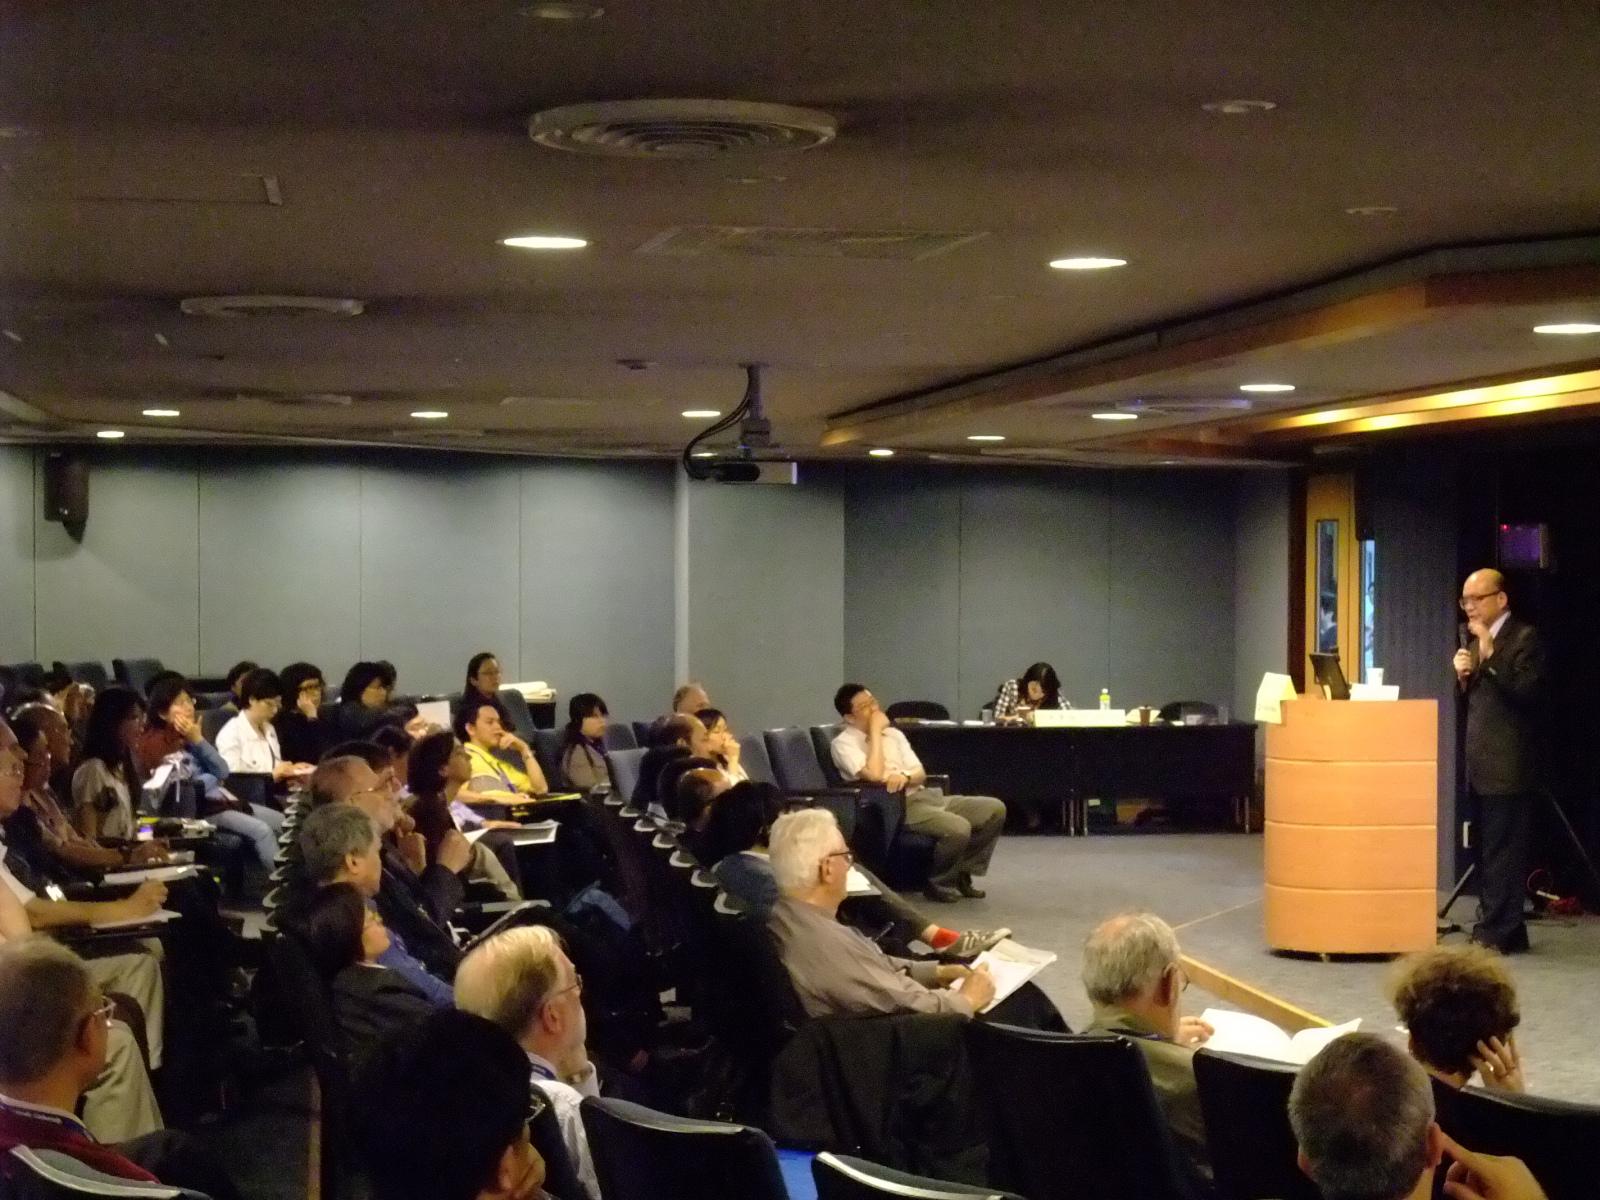 201004紀念利瑪竇逝世四百週年國際學術研討會-24